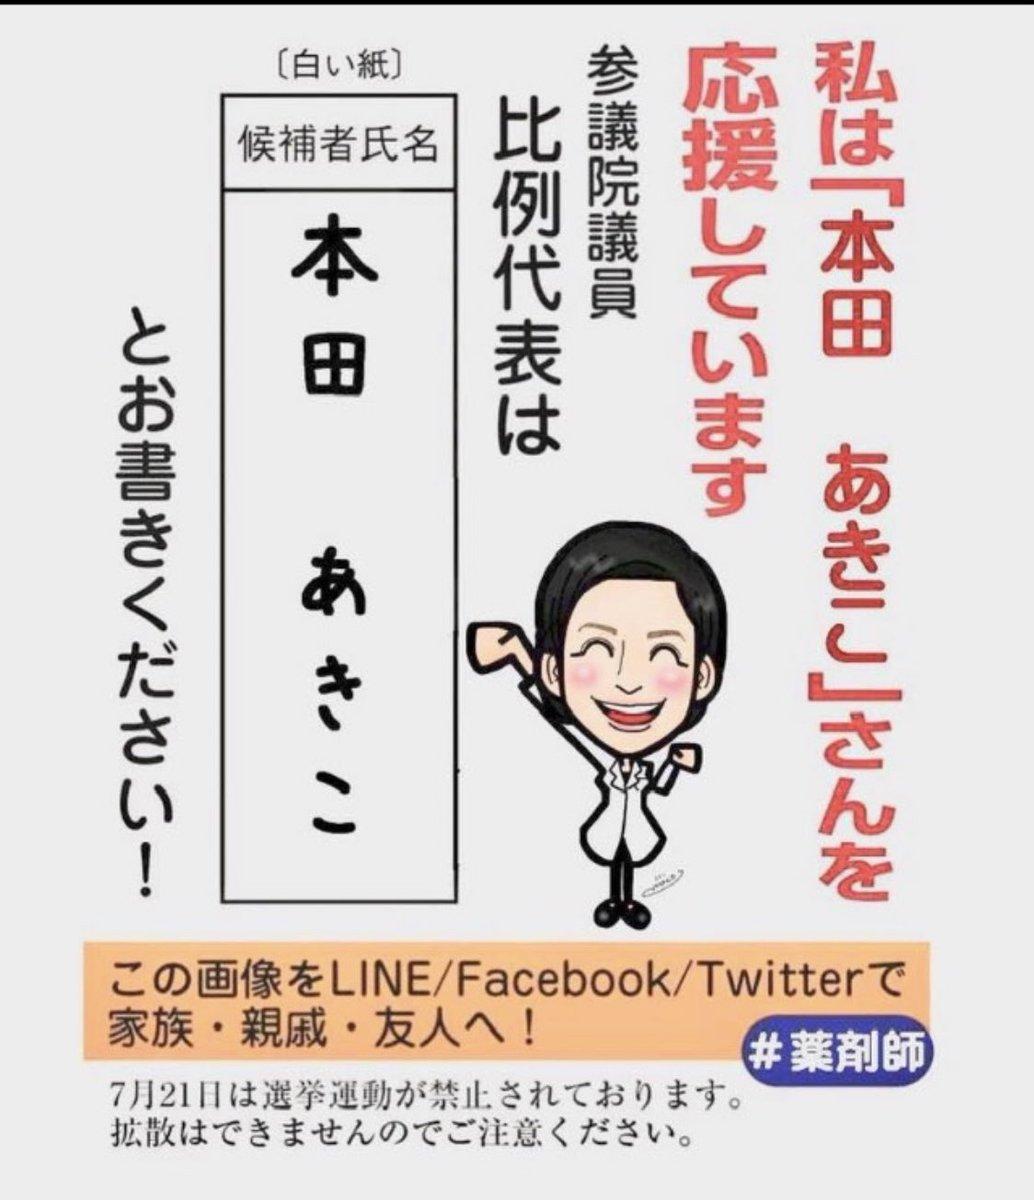 本田 あきこ 選挙 結果